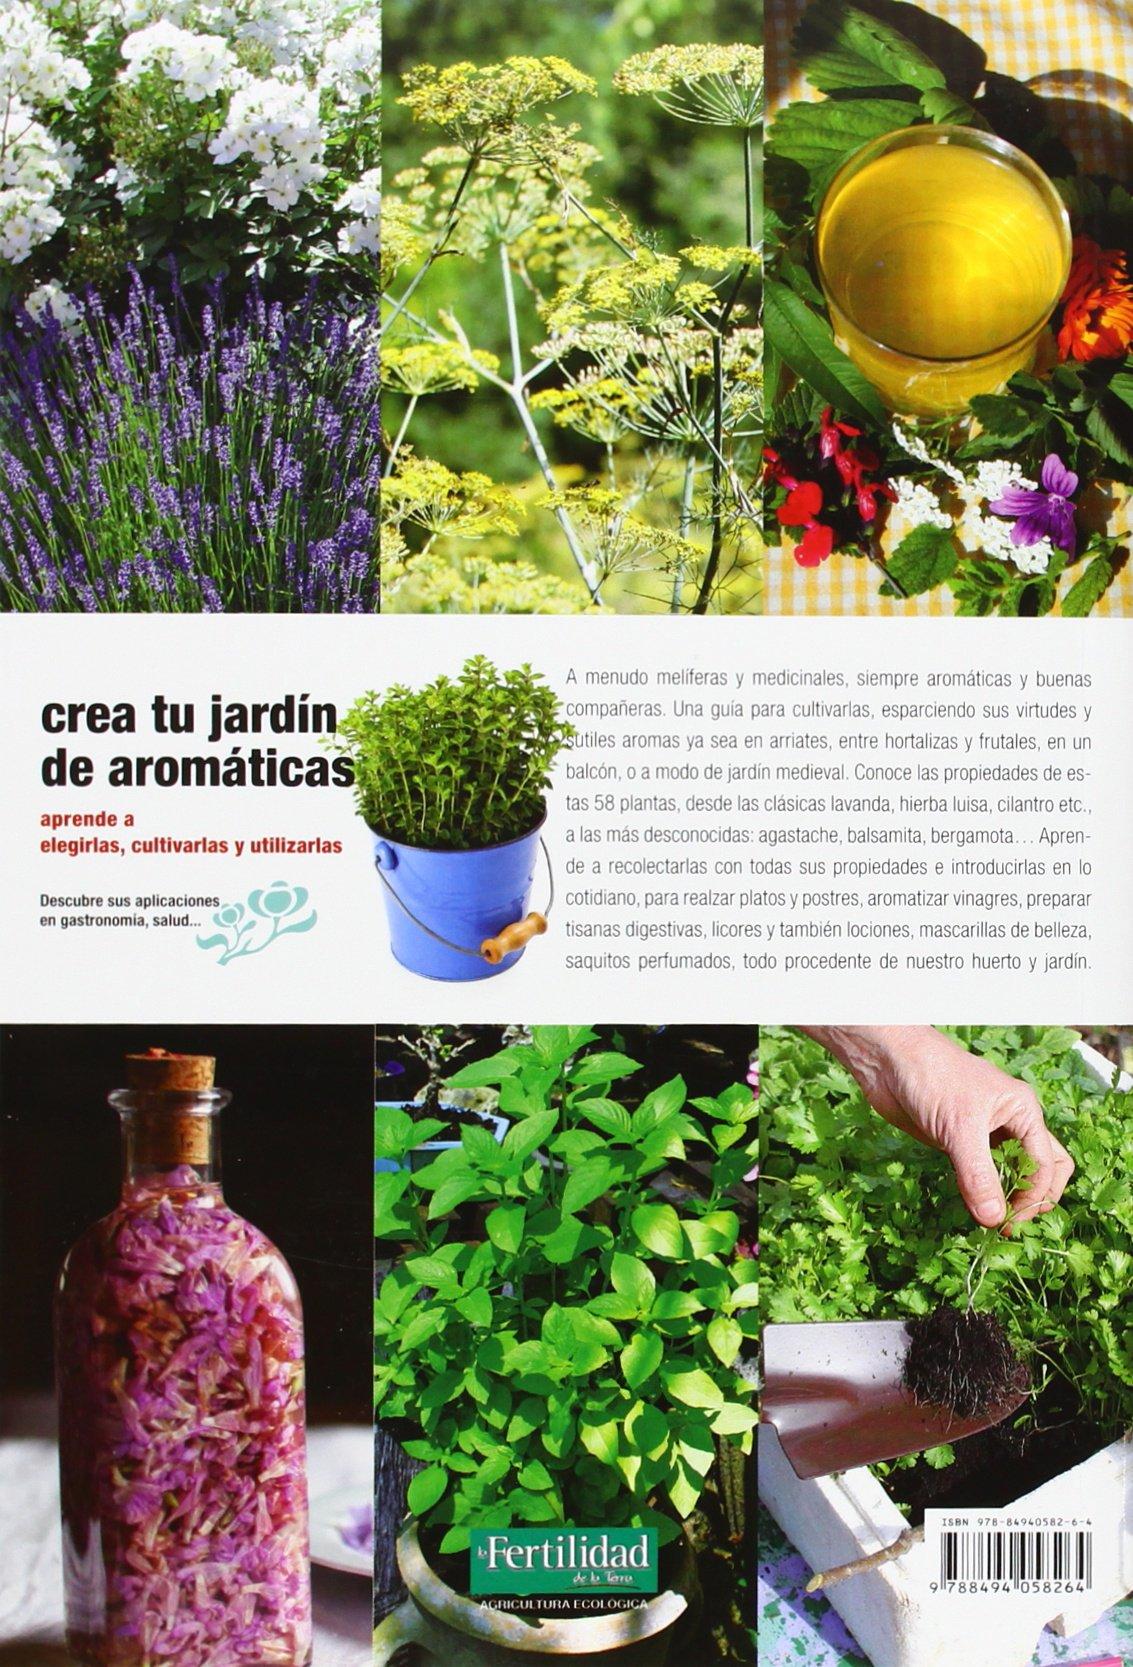 Crea tu jardín de aromáticas: aprende a elegirlas, cultivarlas y ...